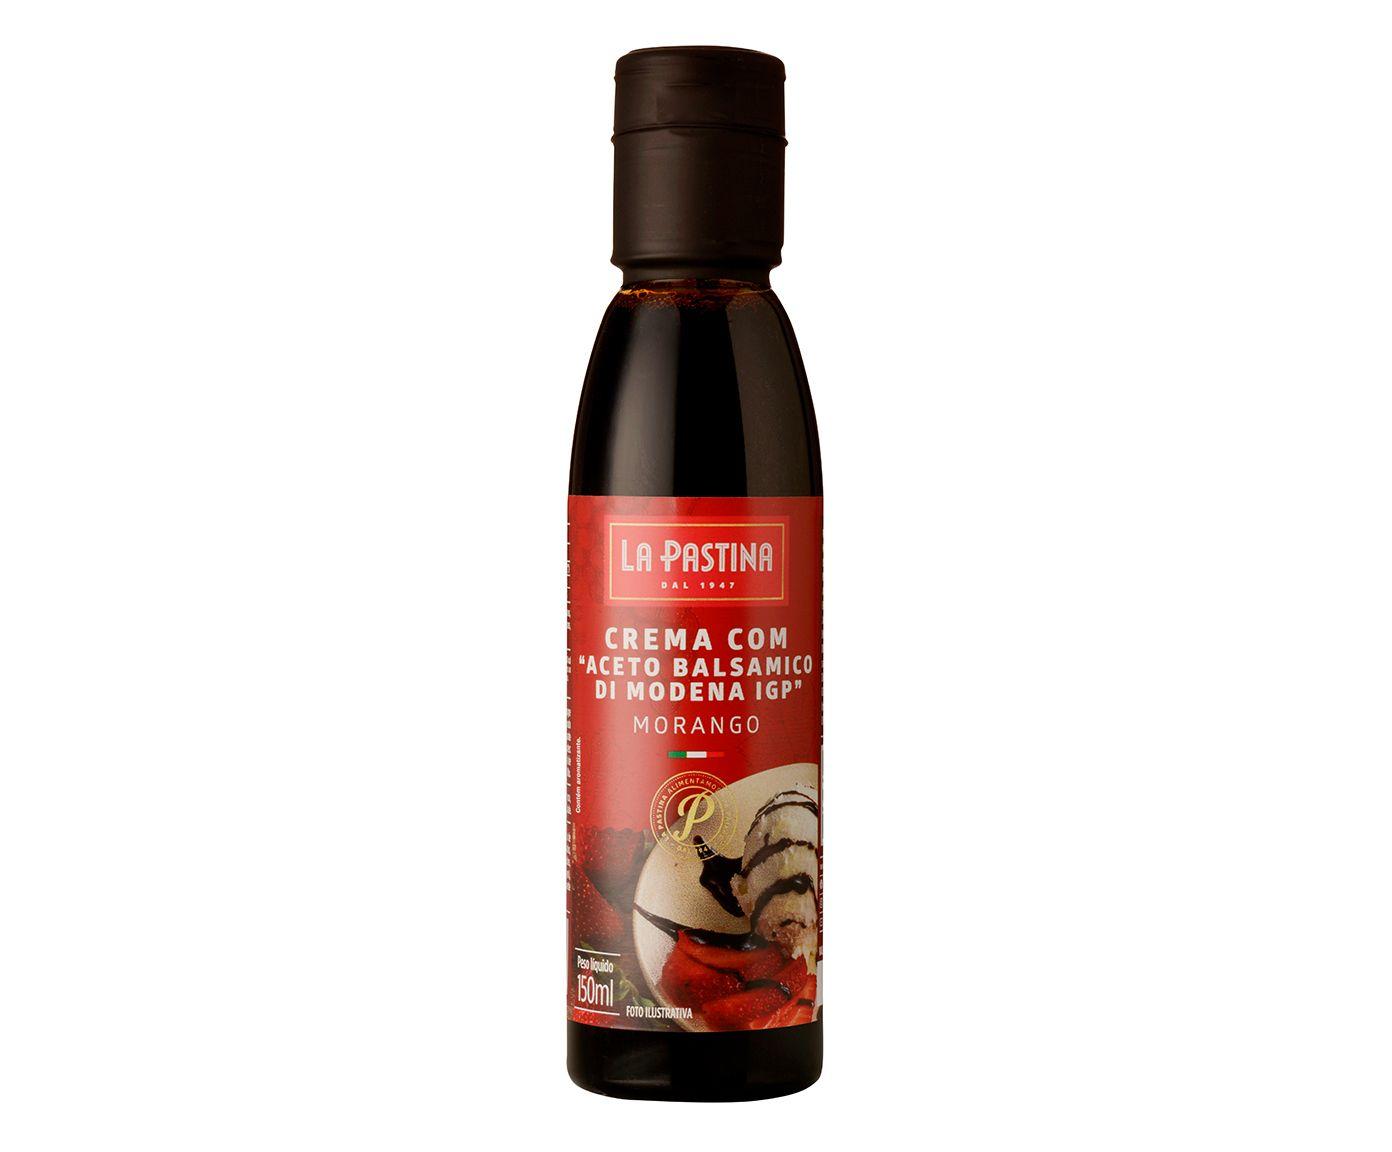 Crema de Balsãmico Morango - 150ml | Westwing.com.br